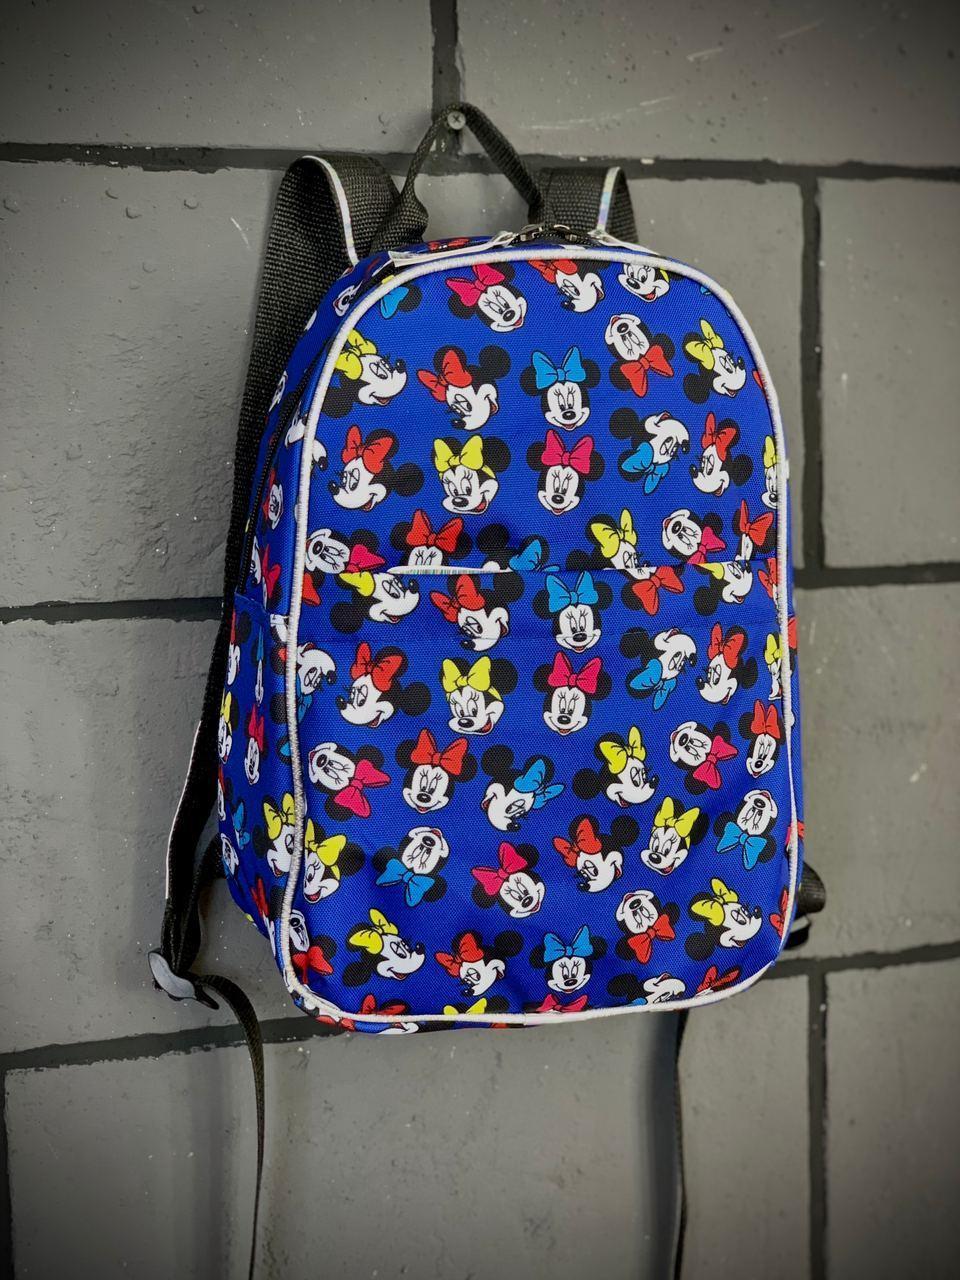 Рюкзак Mickey Mouse Женский/Детский Городской микки маус голубой mini Intruder